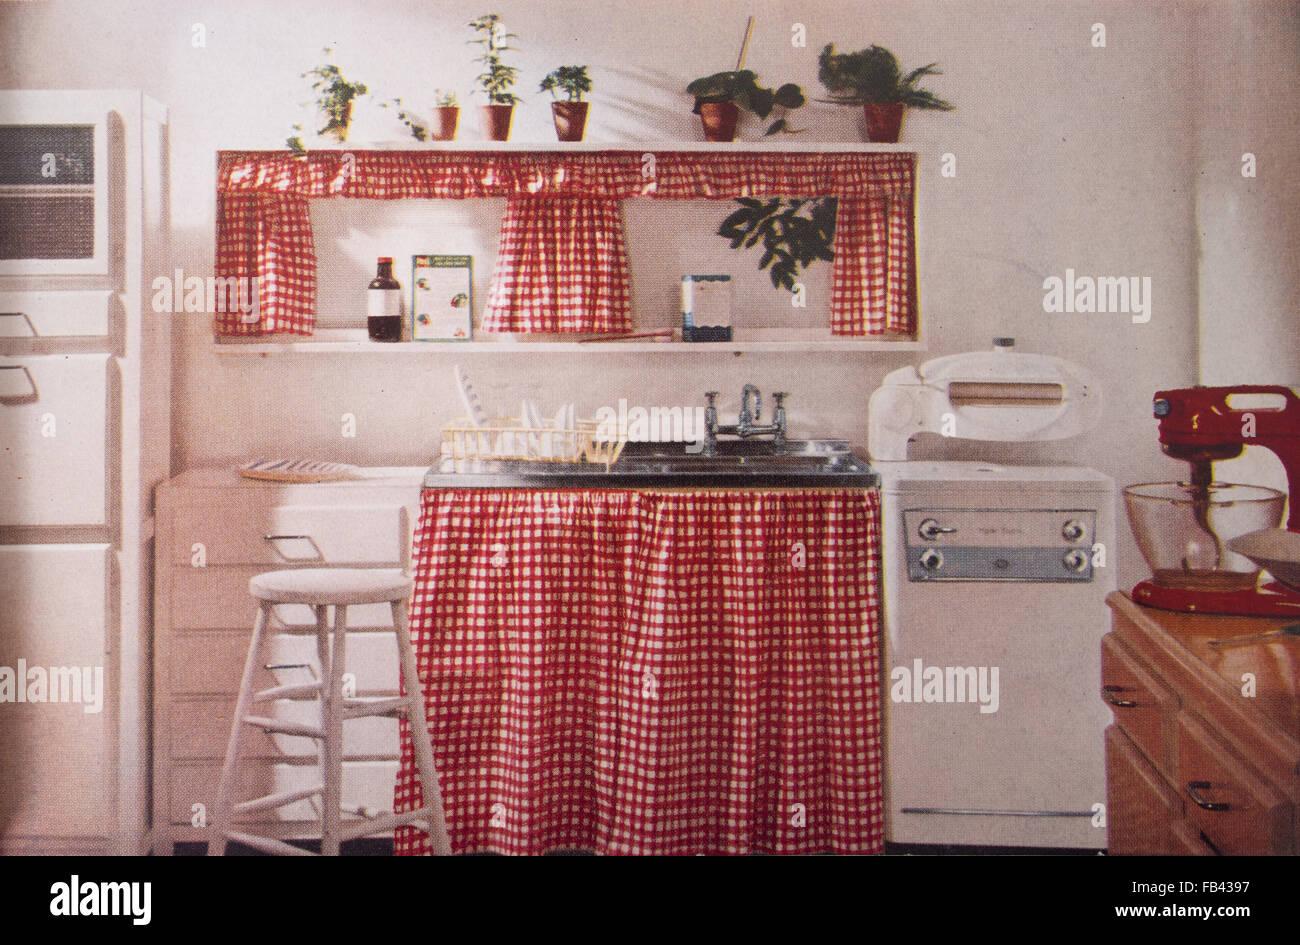 Stampe Da Cucina : Cucina con rosso gingham e strizzatore. stampa da 1957b edizione del